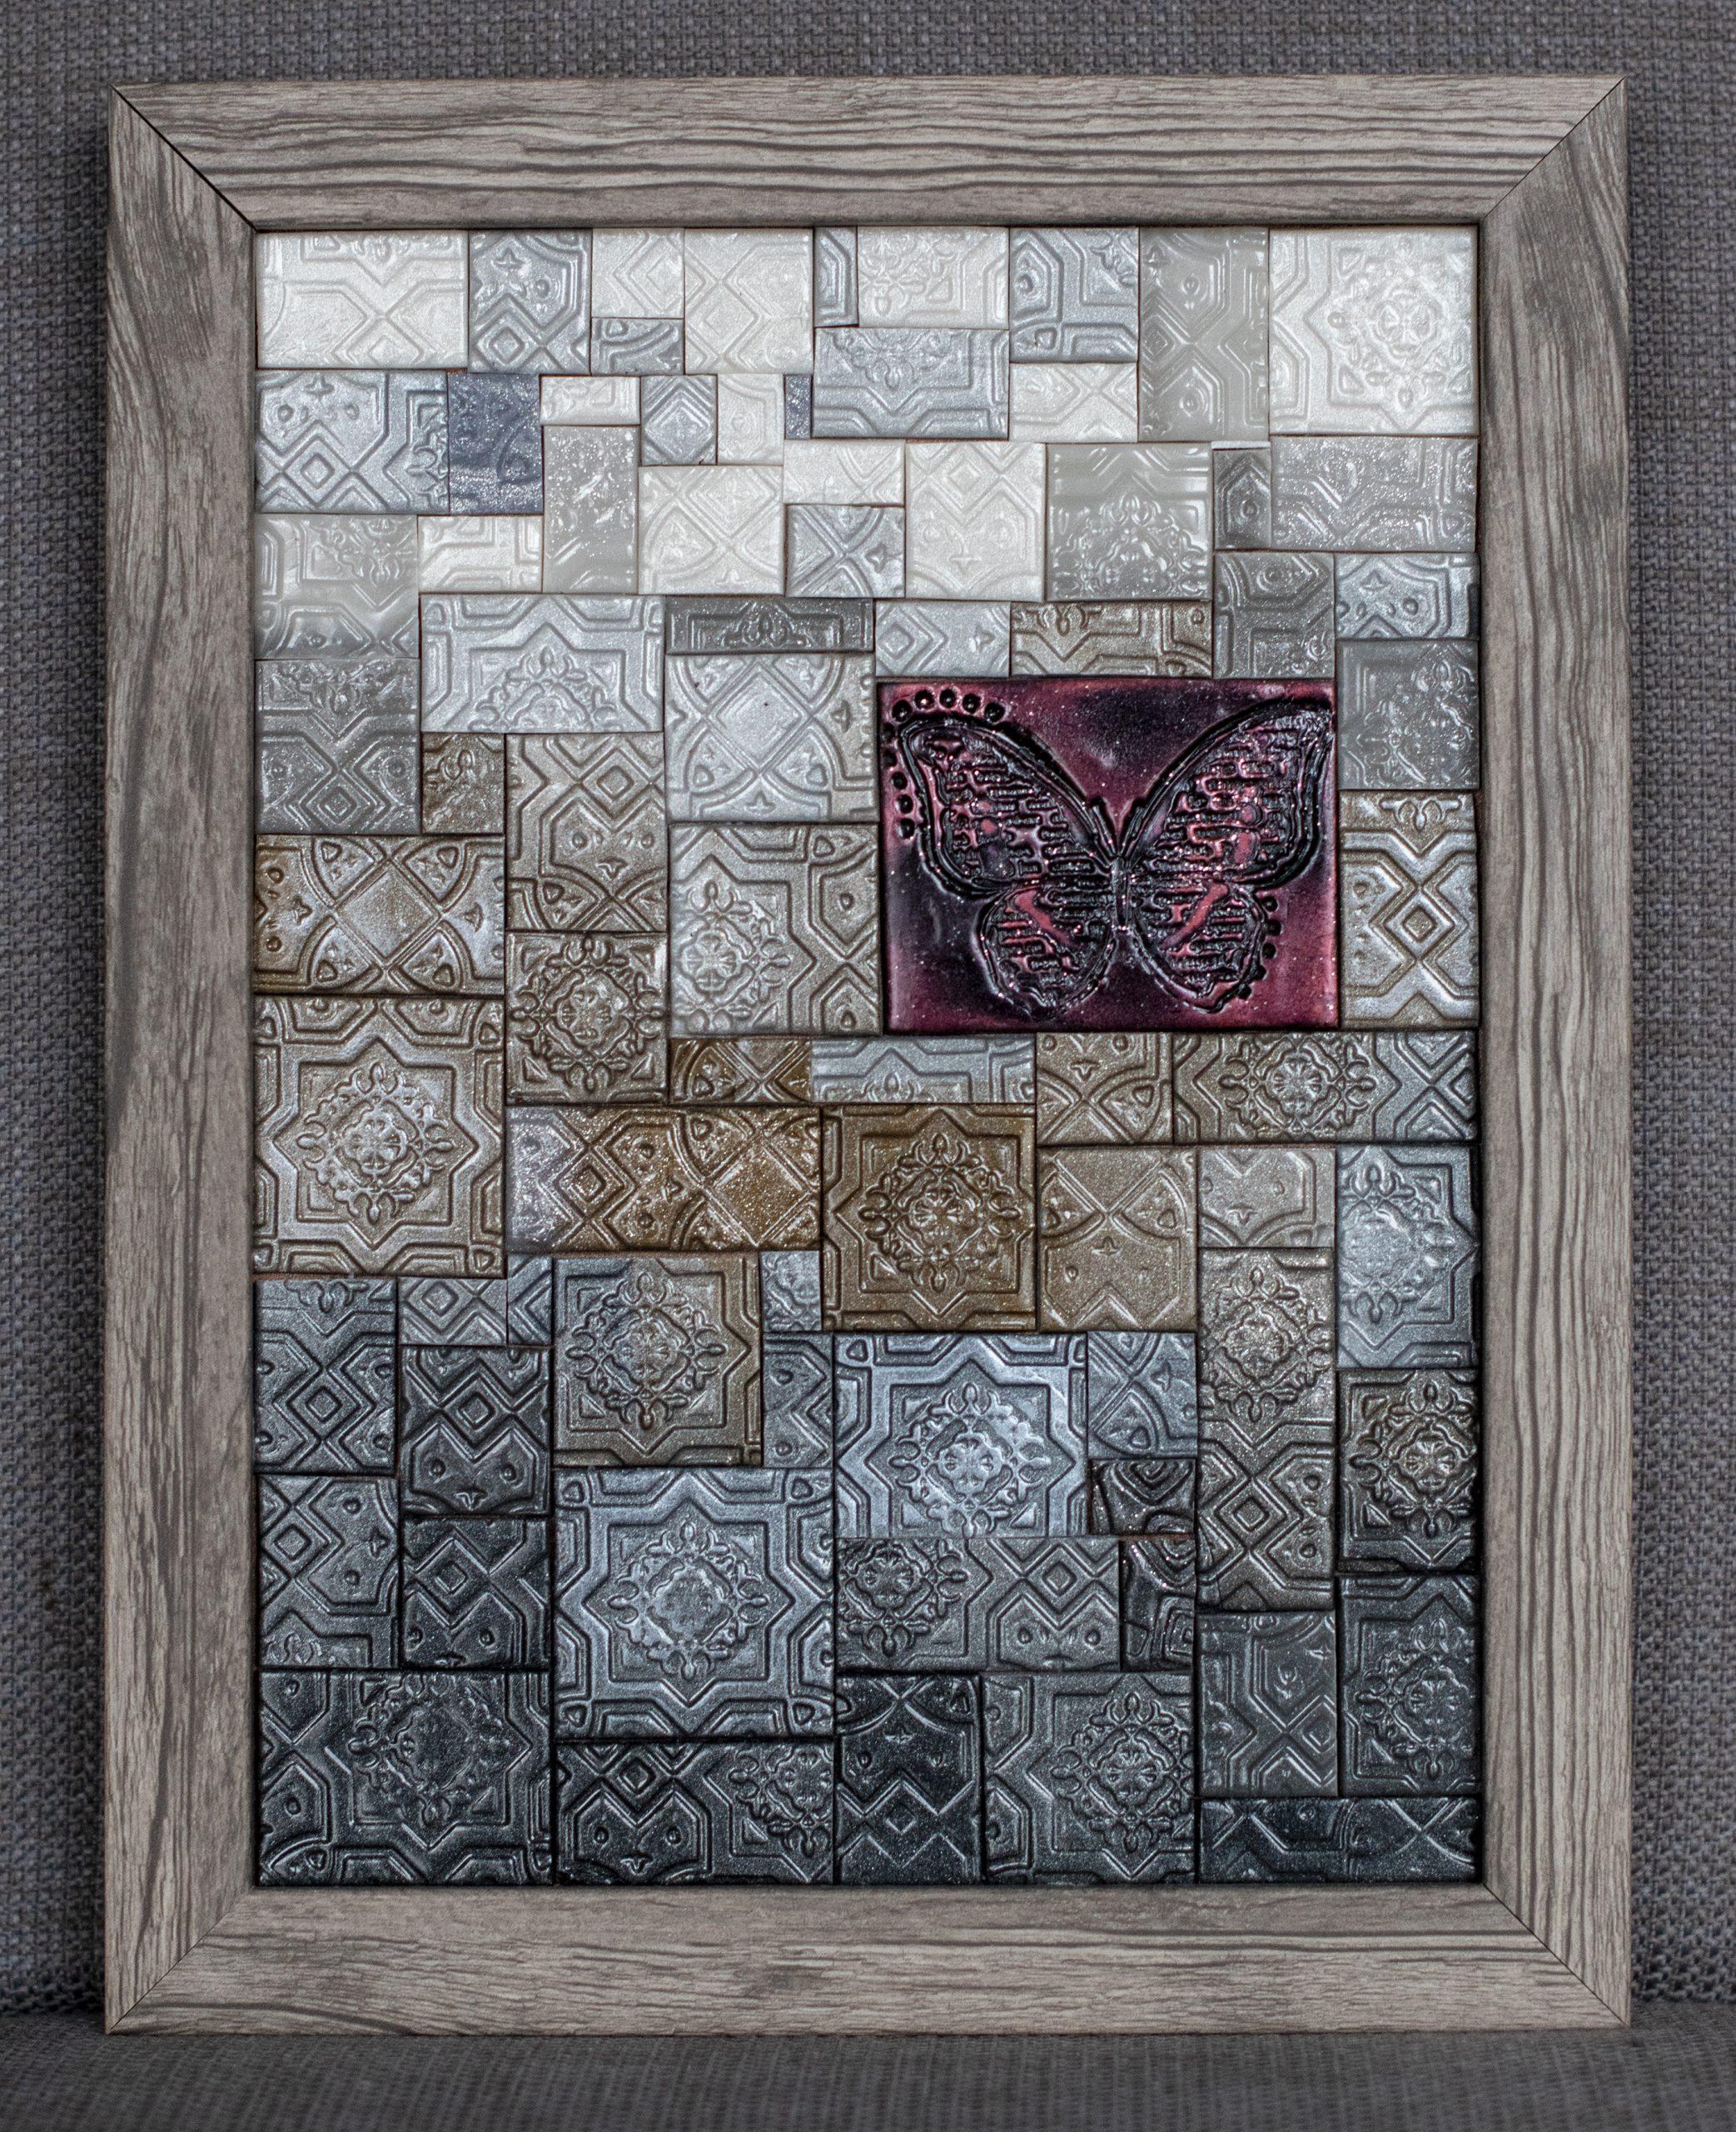 Tvorba mozaikových obrazov je ako meditácia